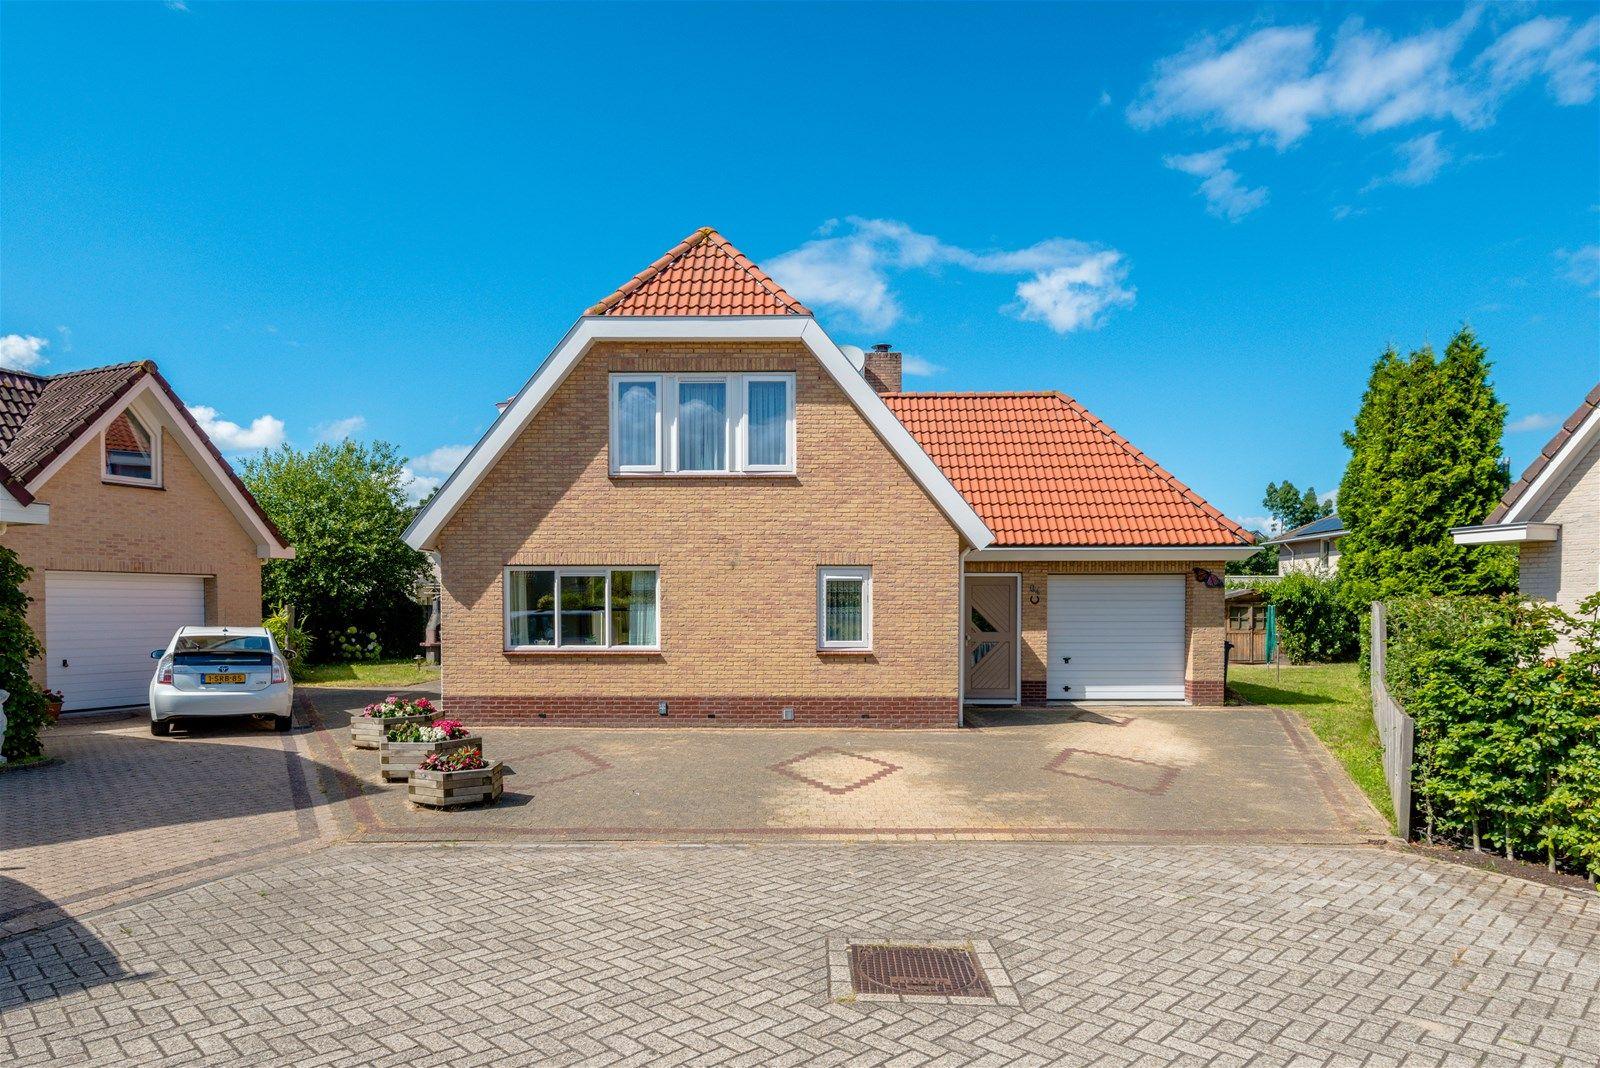 Cissy van Marxveldtstraat 84, Almere